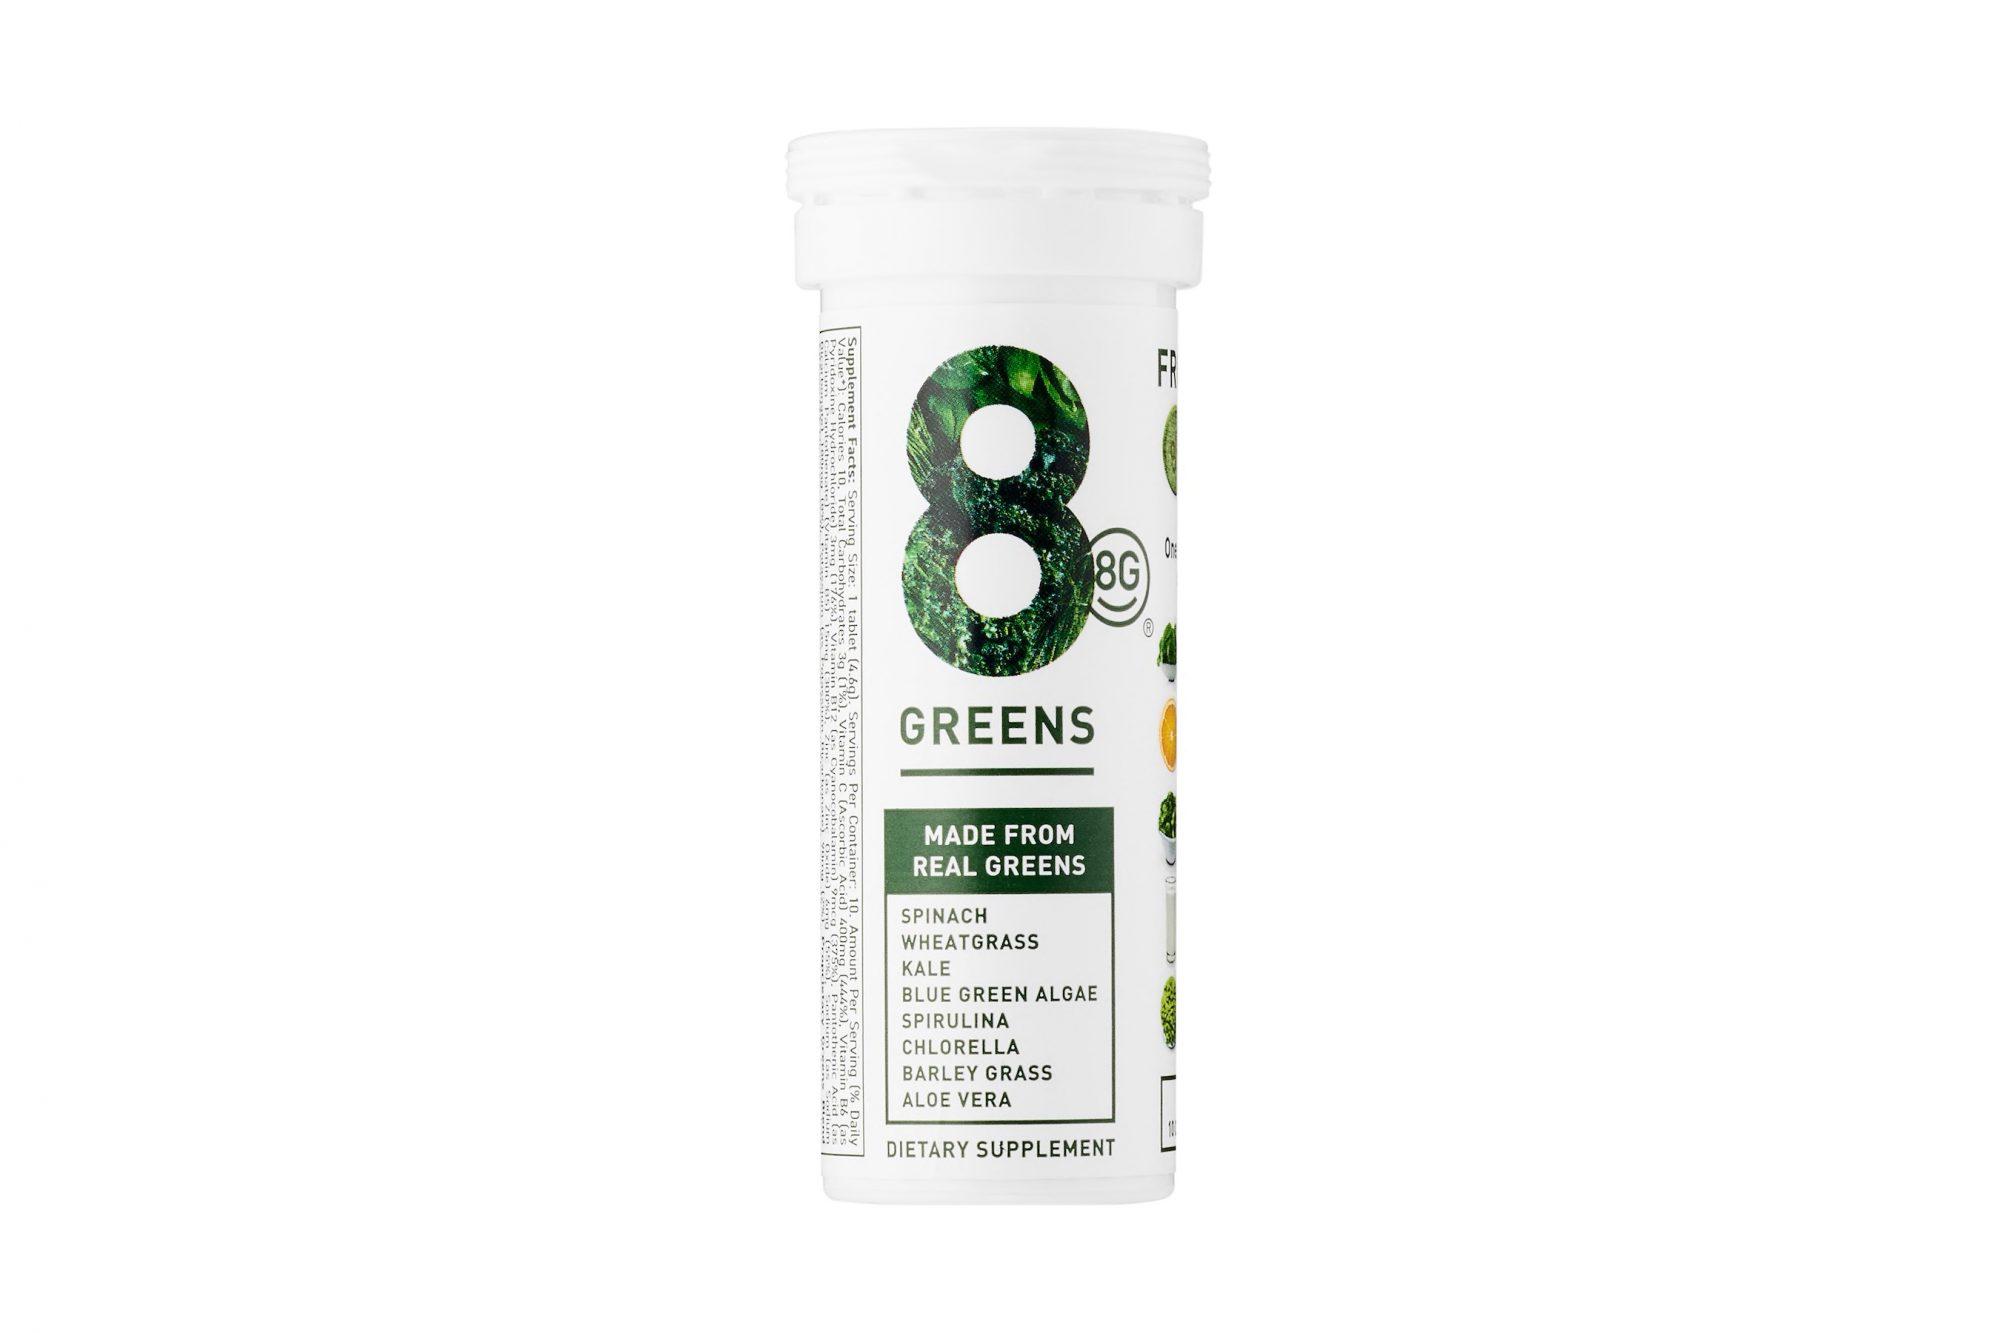 food diy skincare 8greens